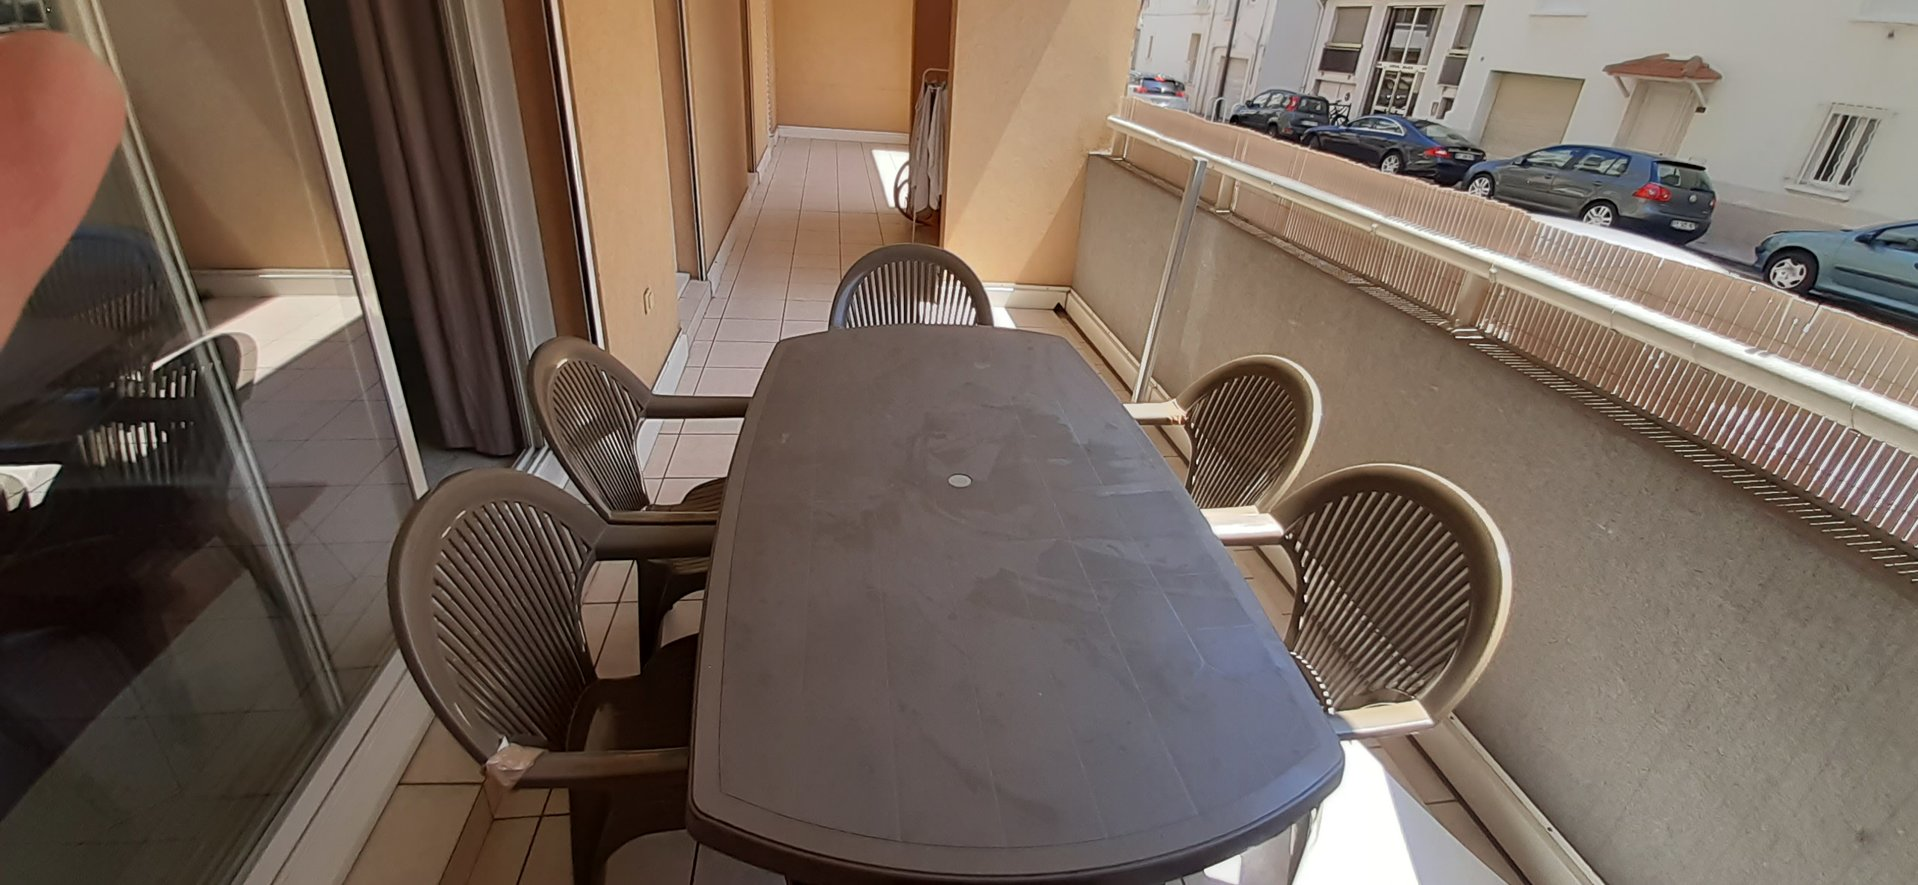 Appartement Palm beach 3 Pièces 63 m2